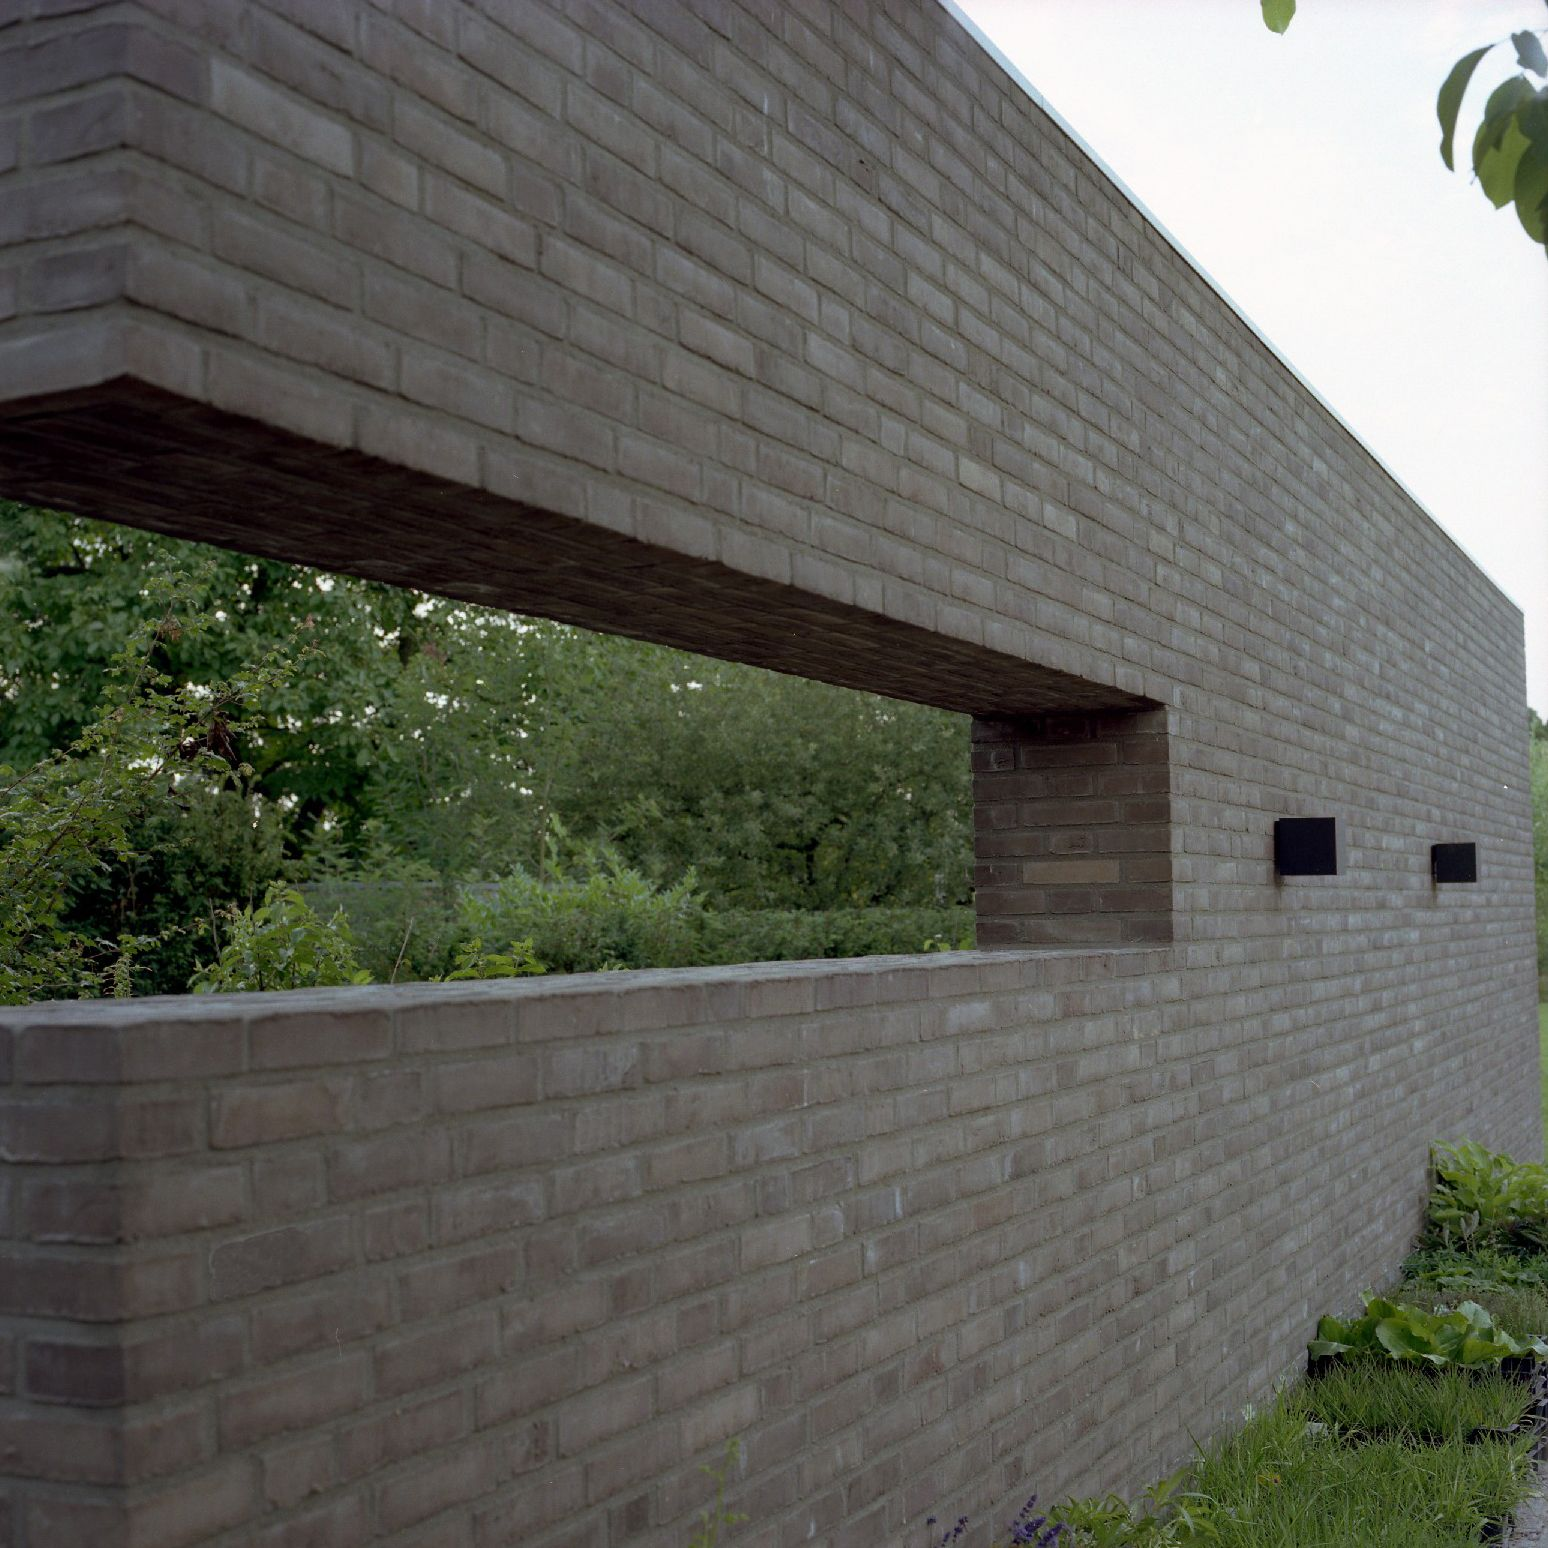 Architekten Mönchengladbach sieger kategorie einfamilienhaus doppelhaushälfte projekt hof